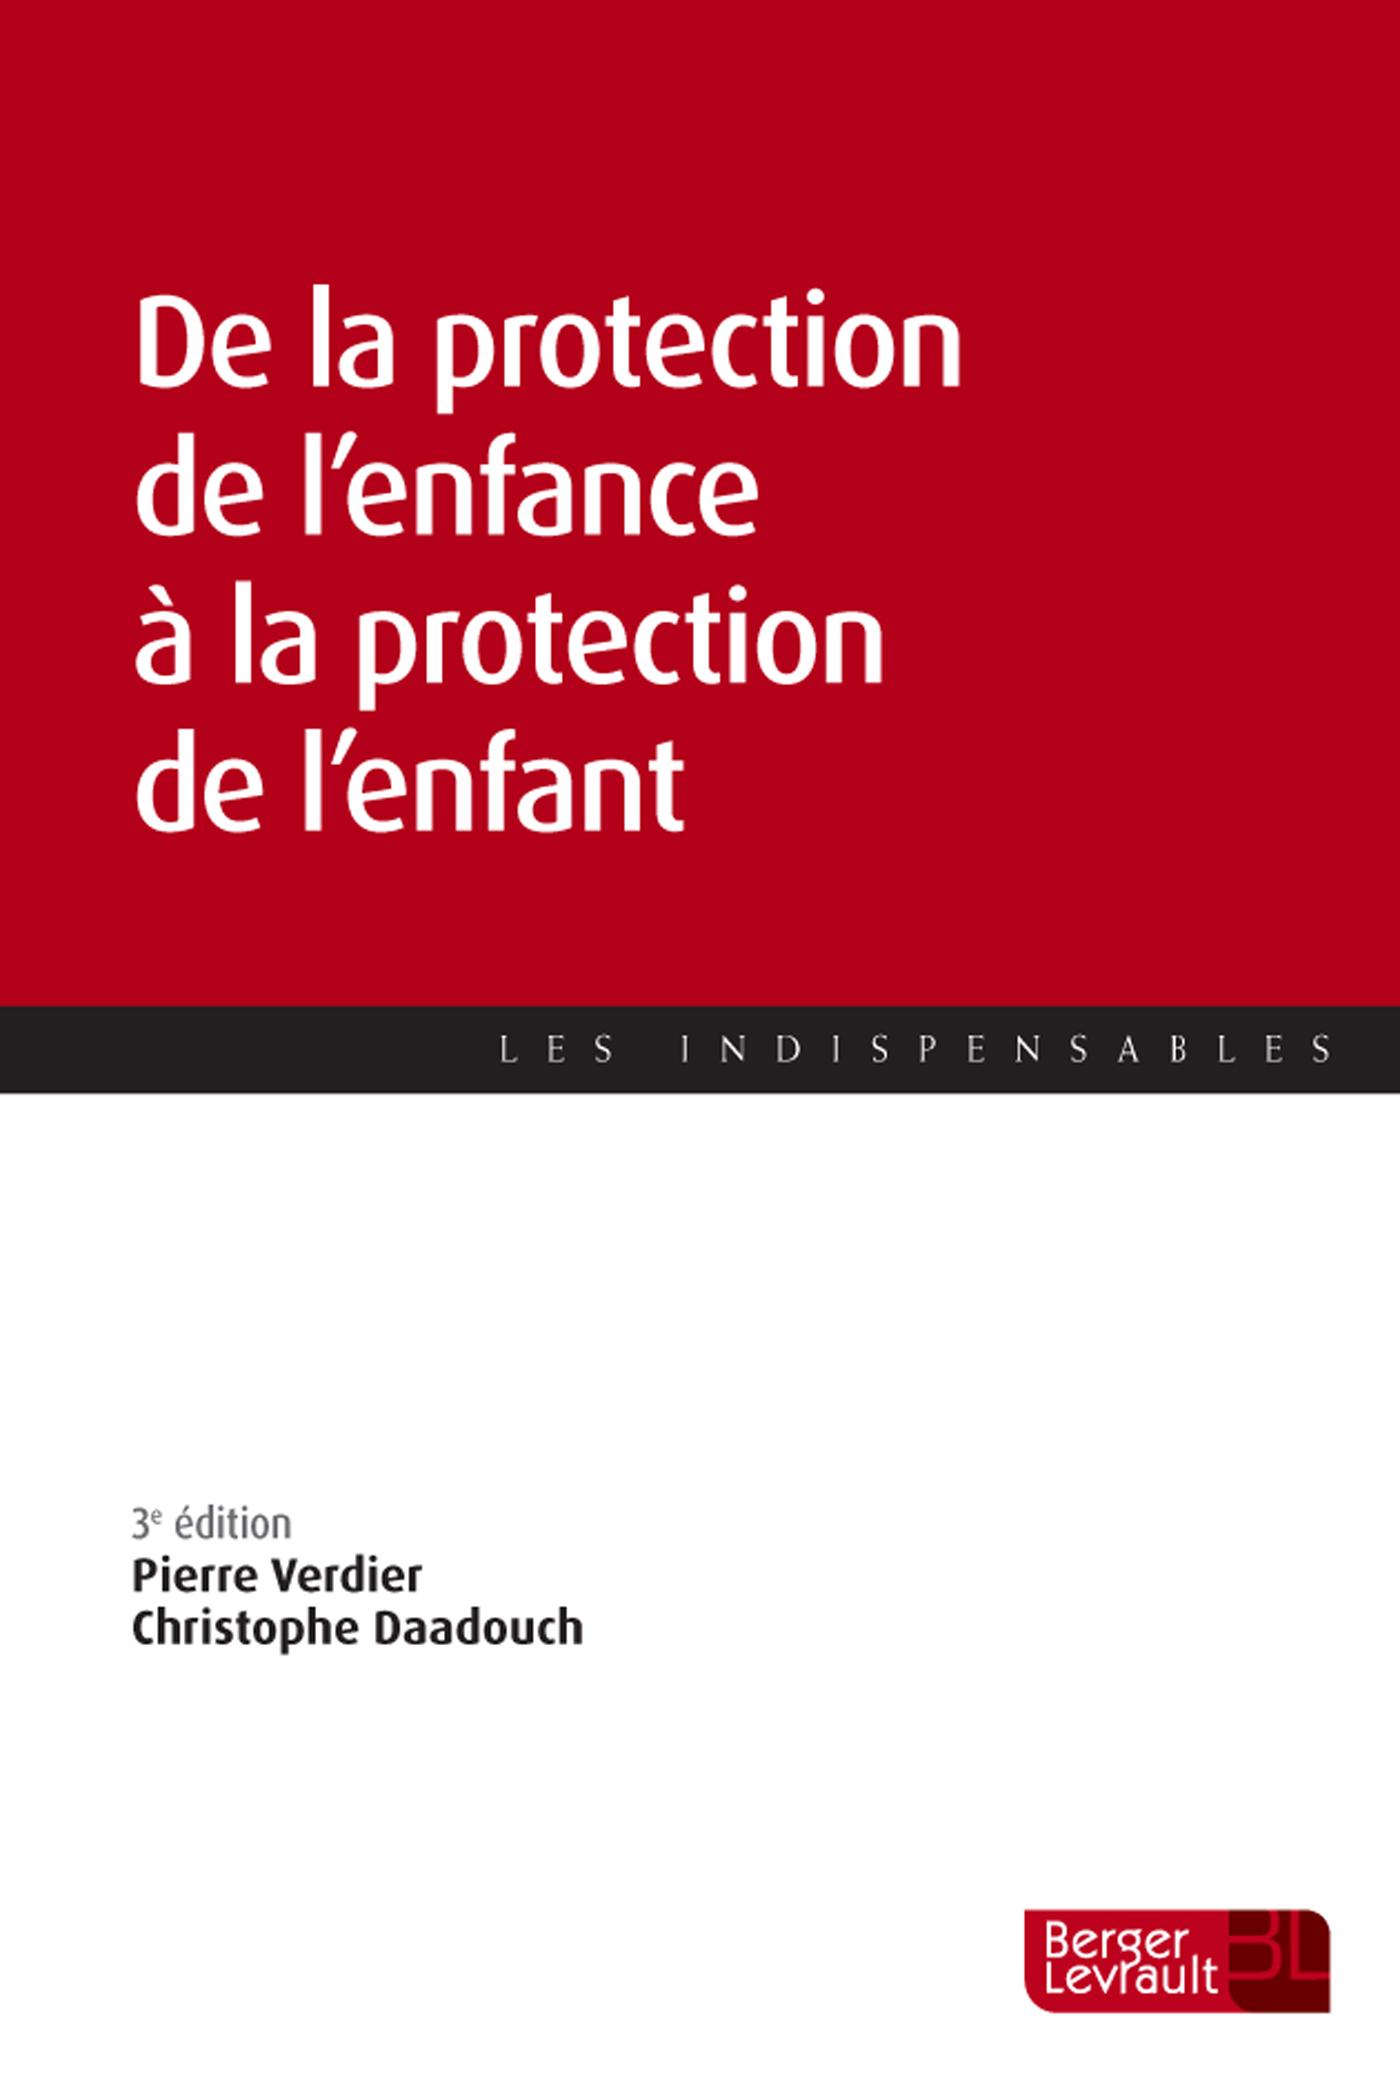 DE LA PROTECTION DE L'ENFANCE A LA PROTECTION DE L'ENFANT (3E ED)